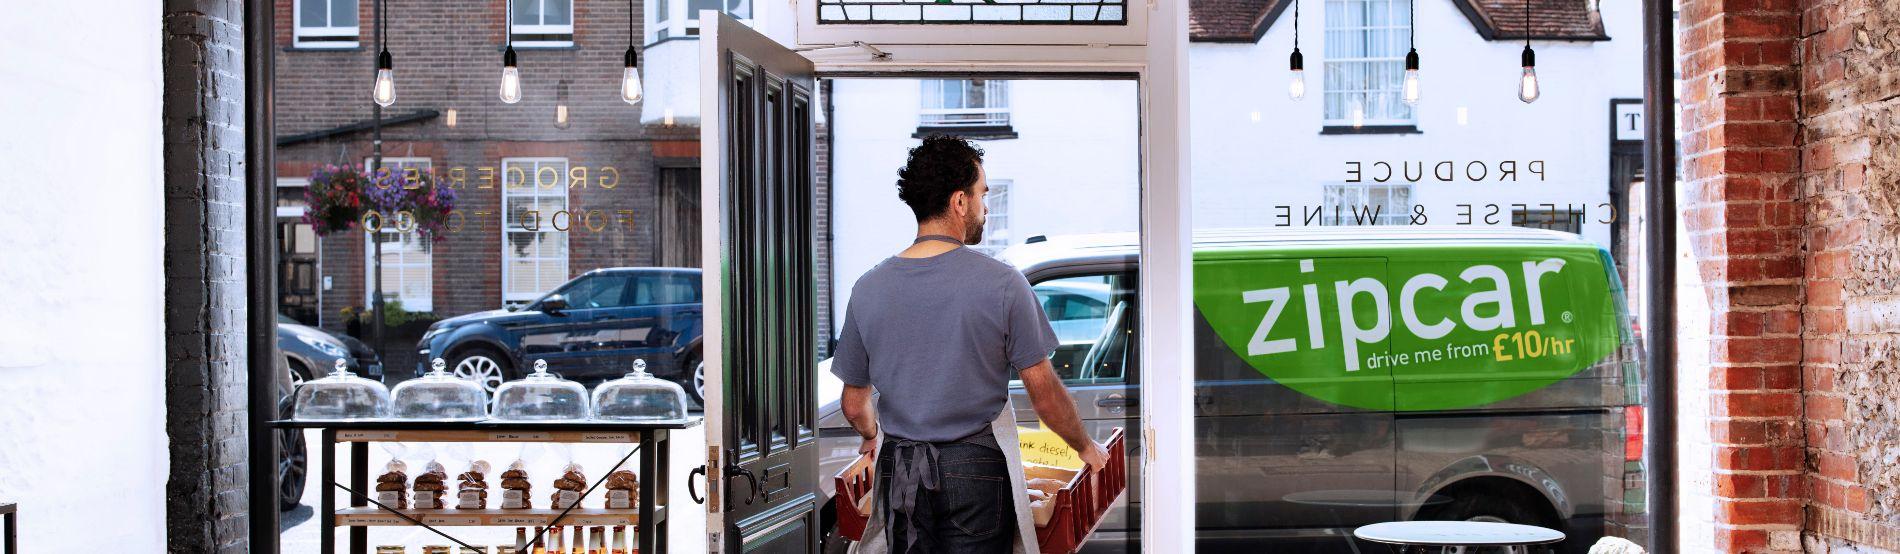 Zipcar for business van